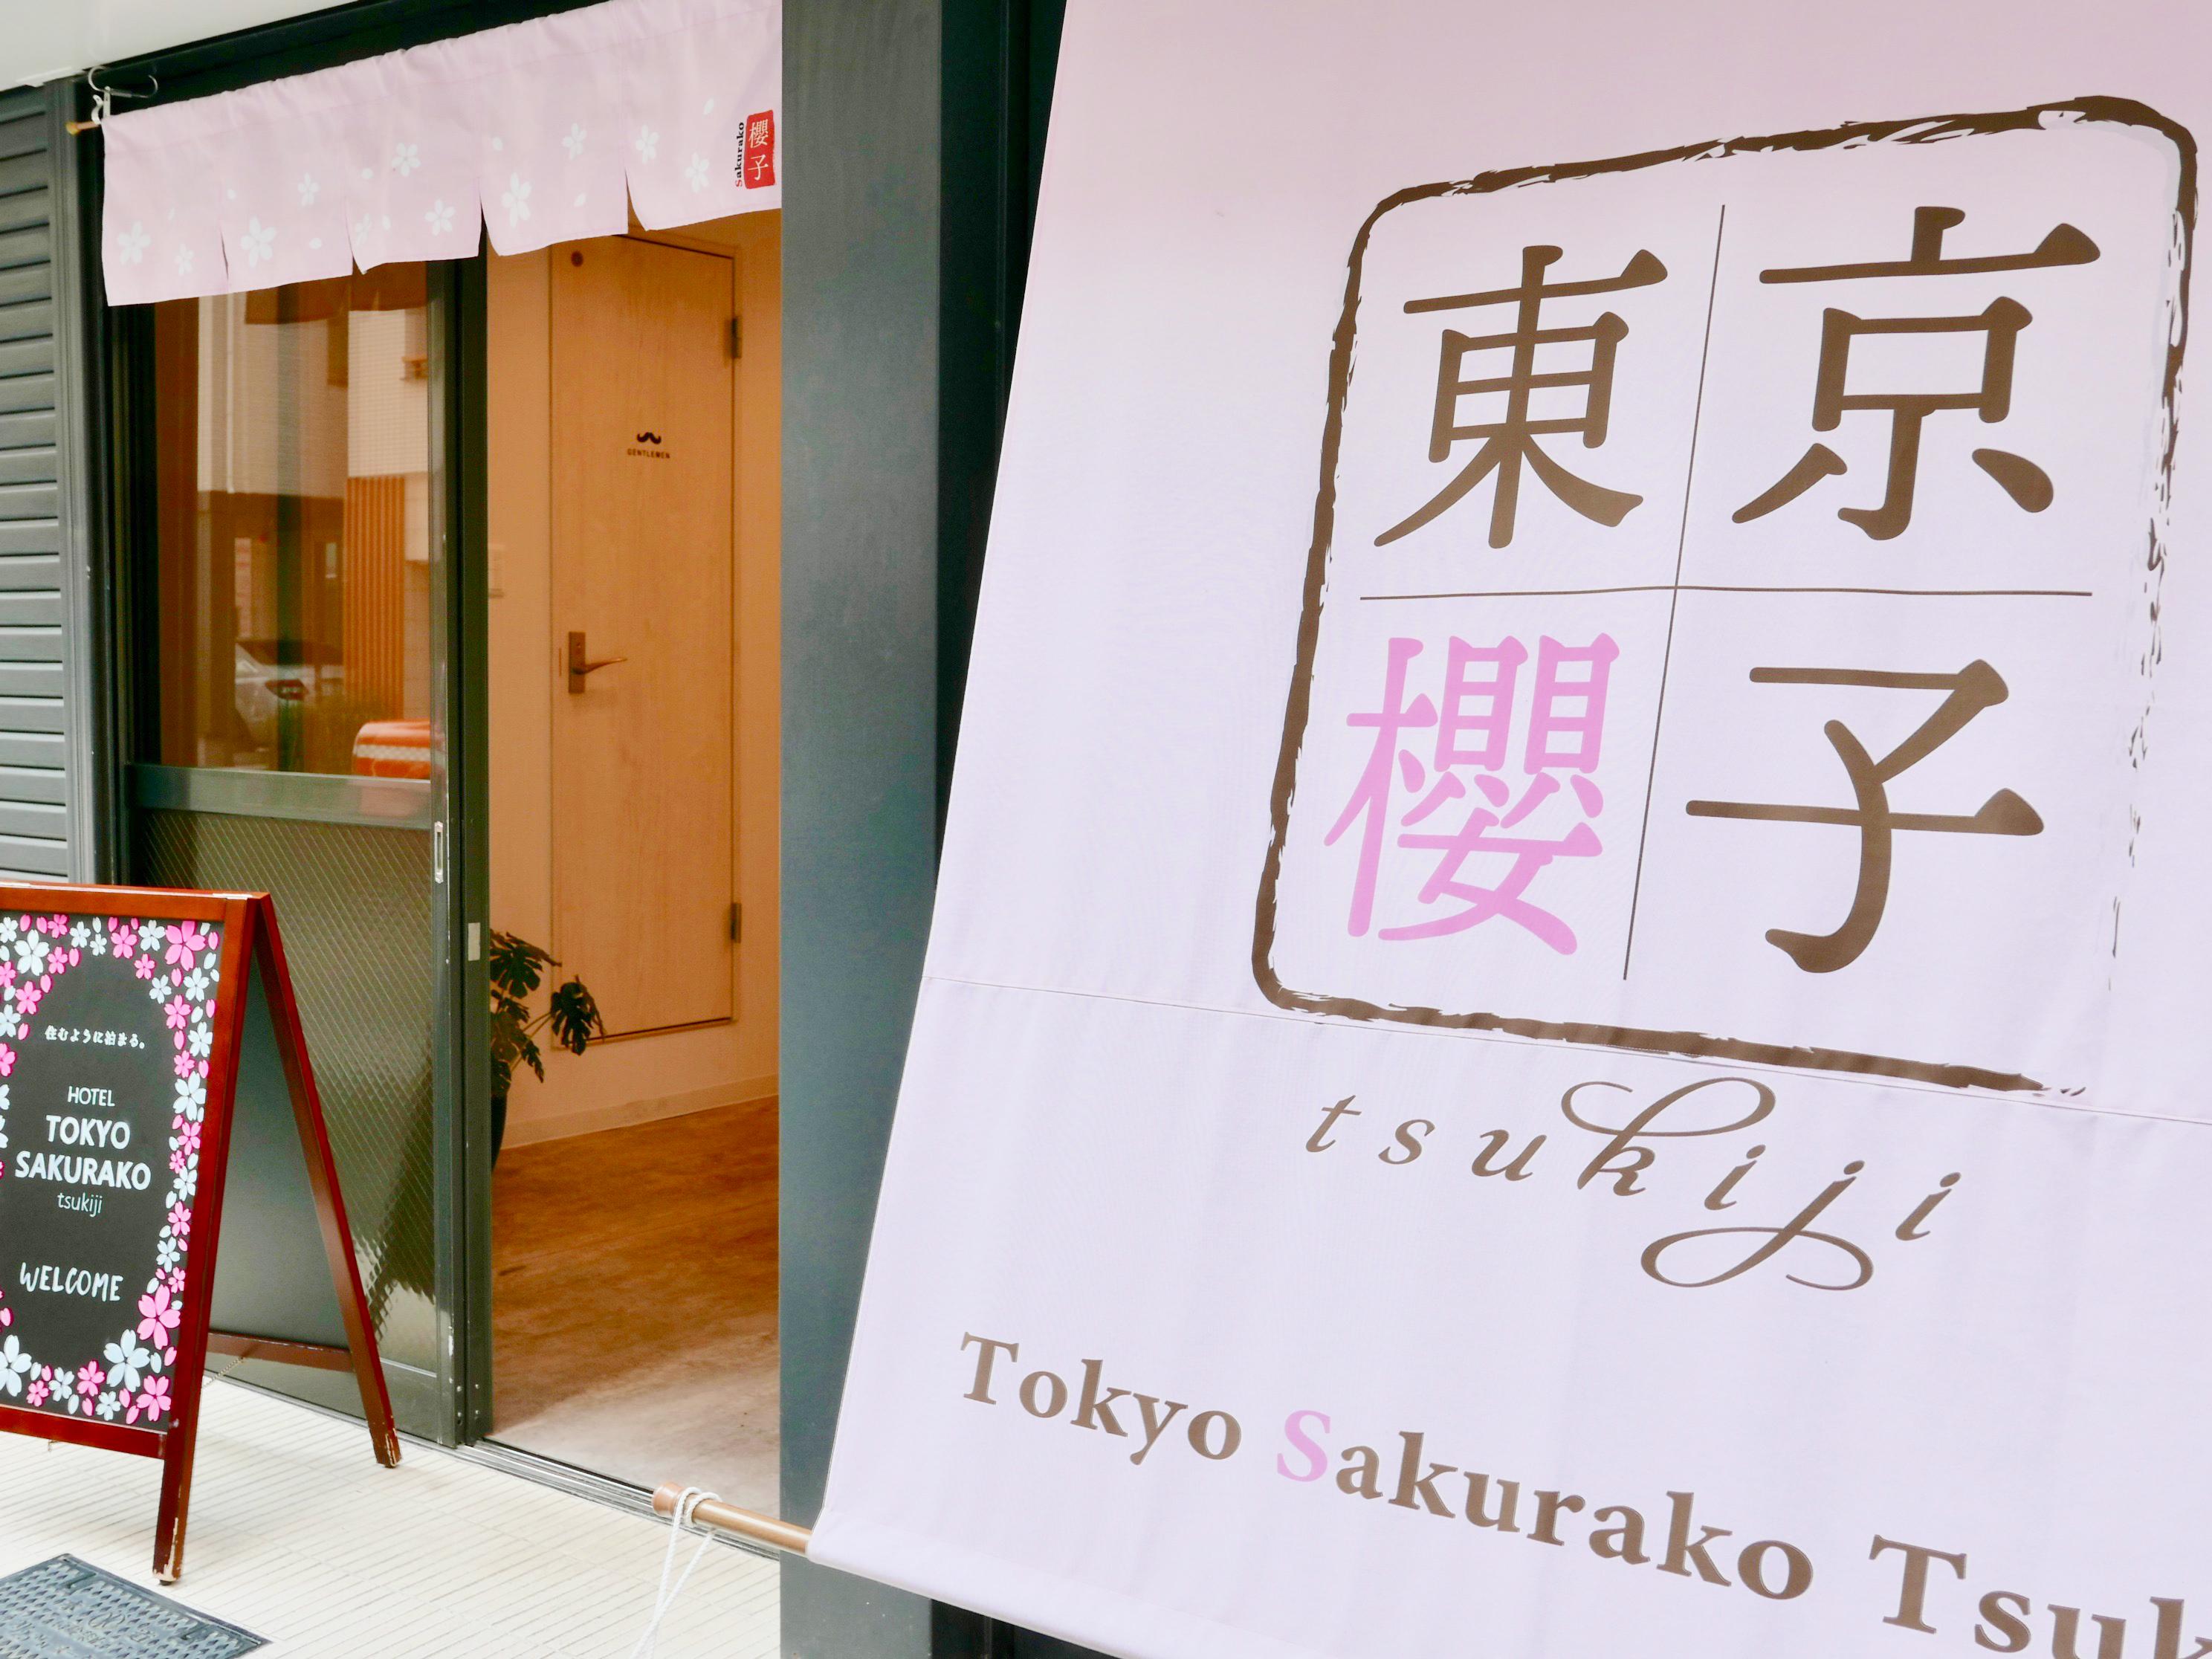 東京櫻子 tsukiji